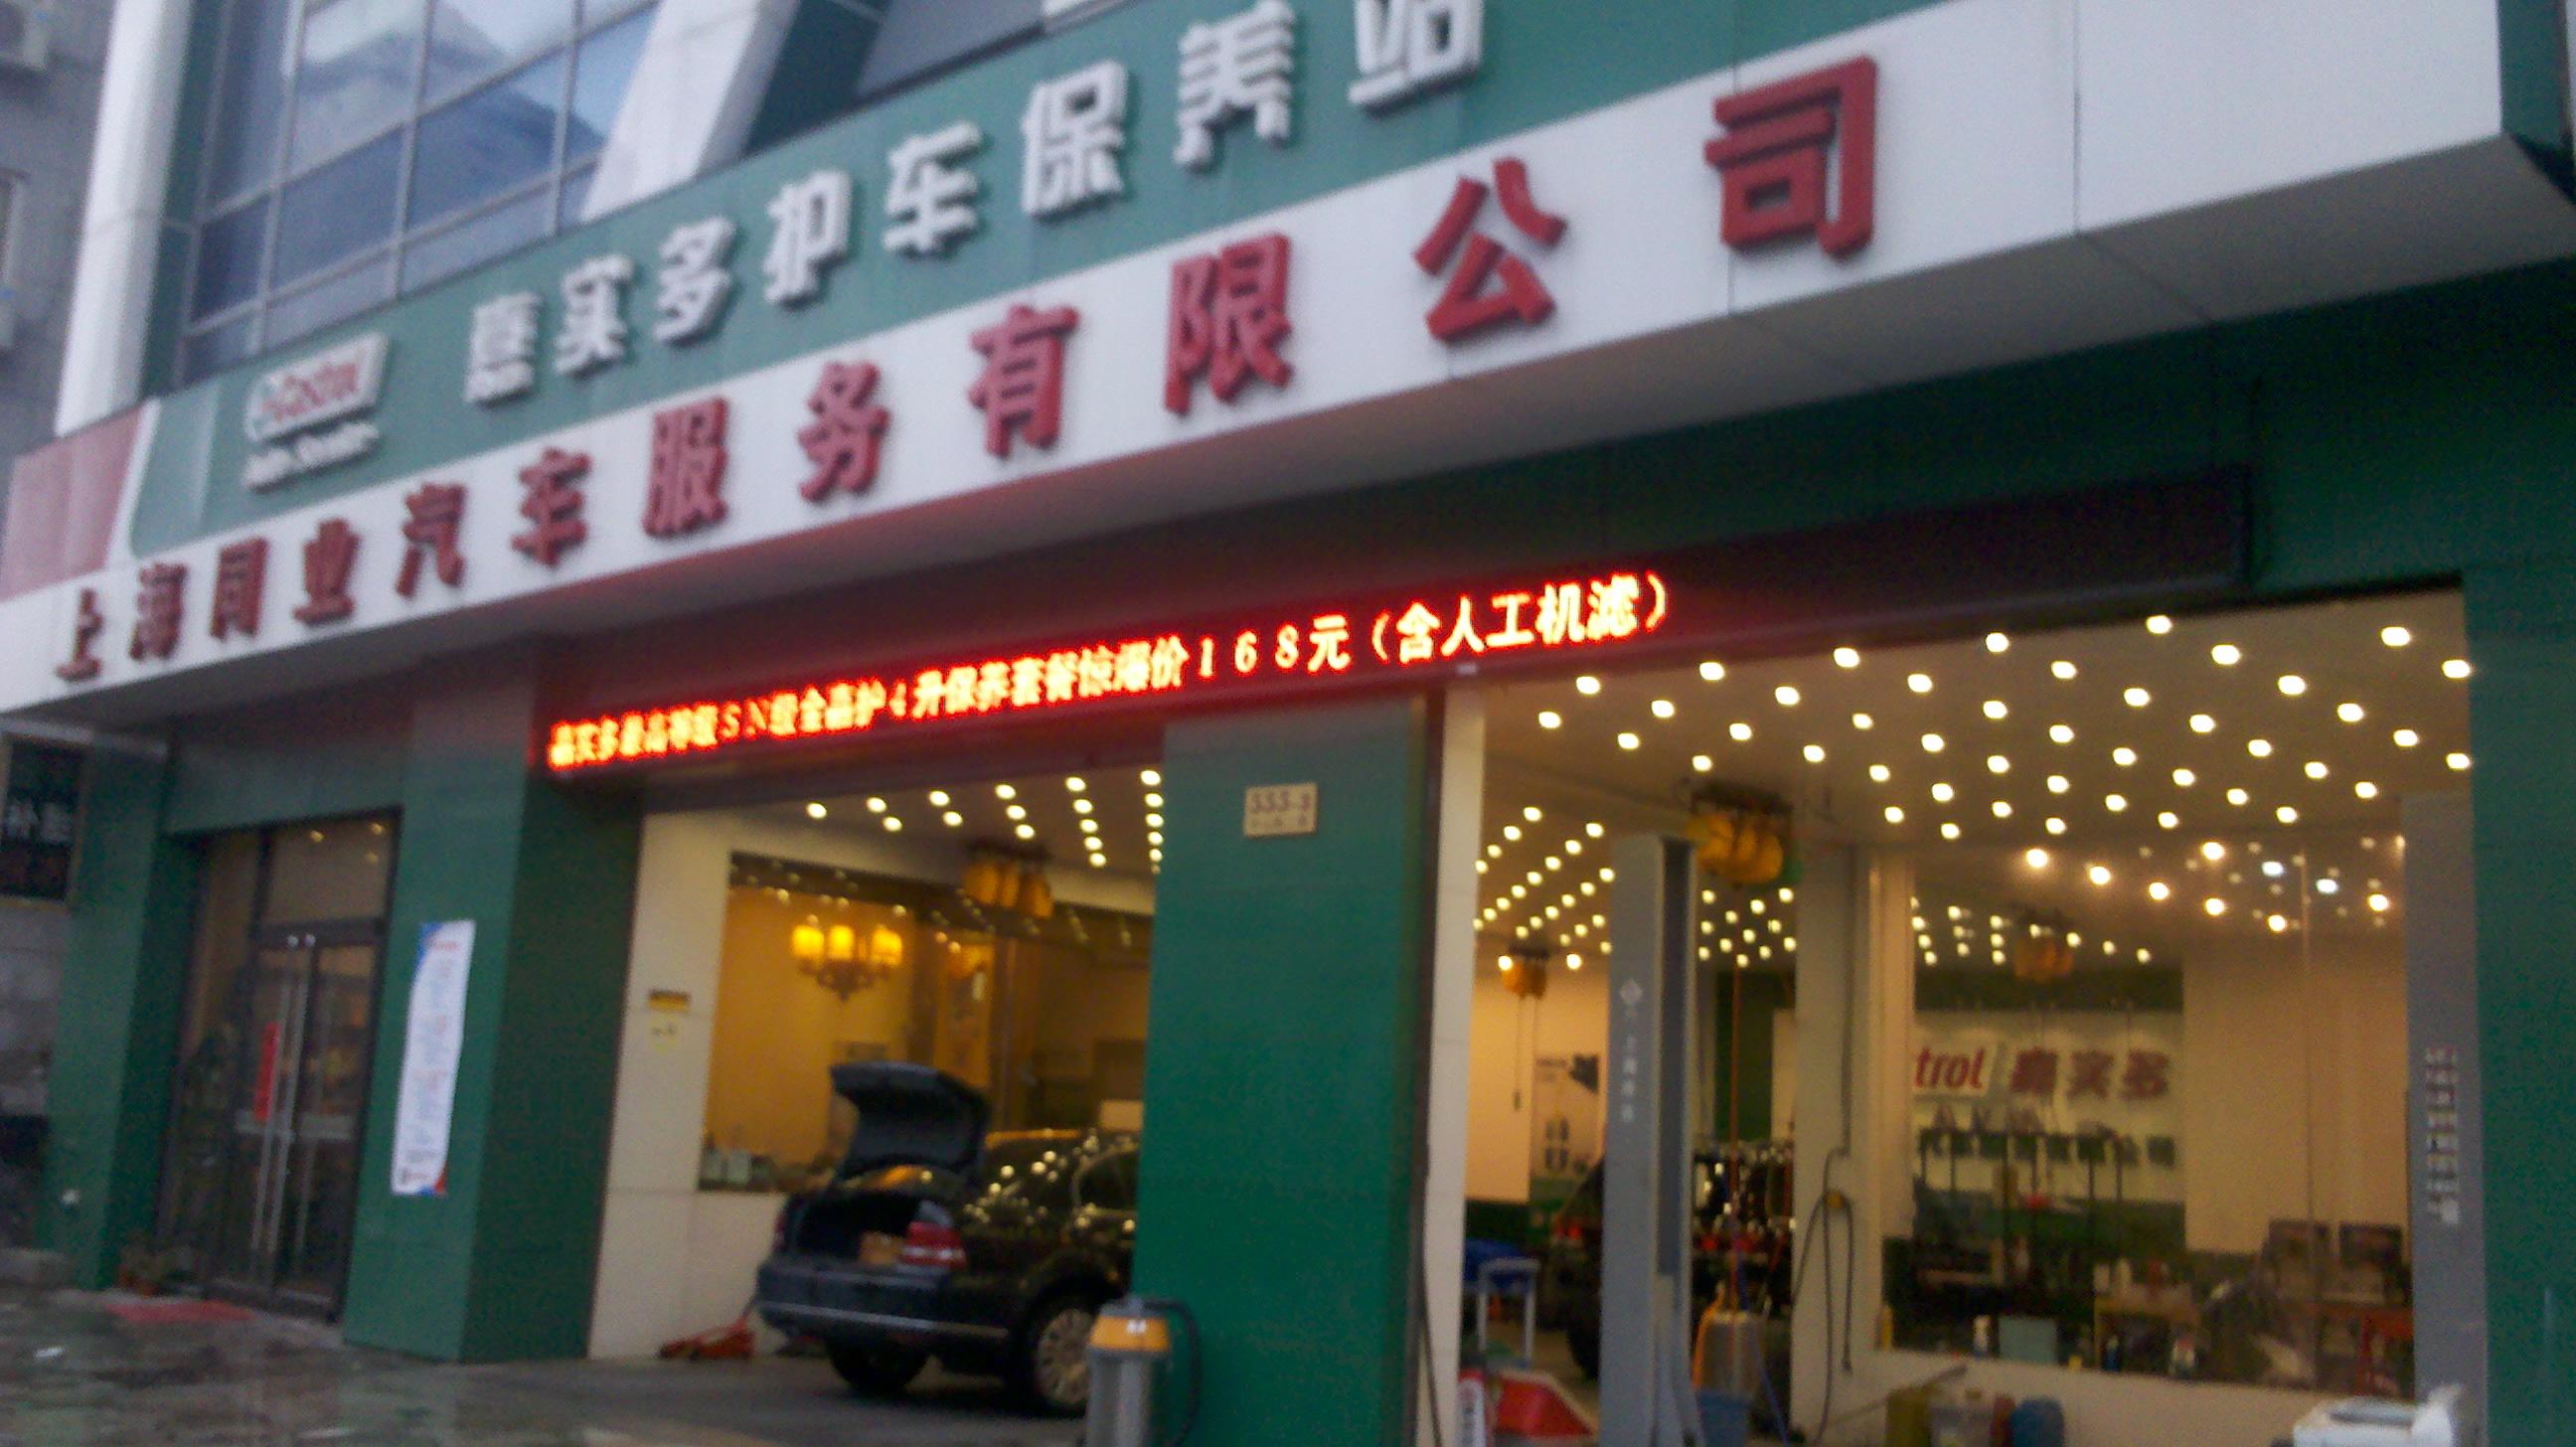 上海同业汽车服务有限公司中山南二路店